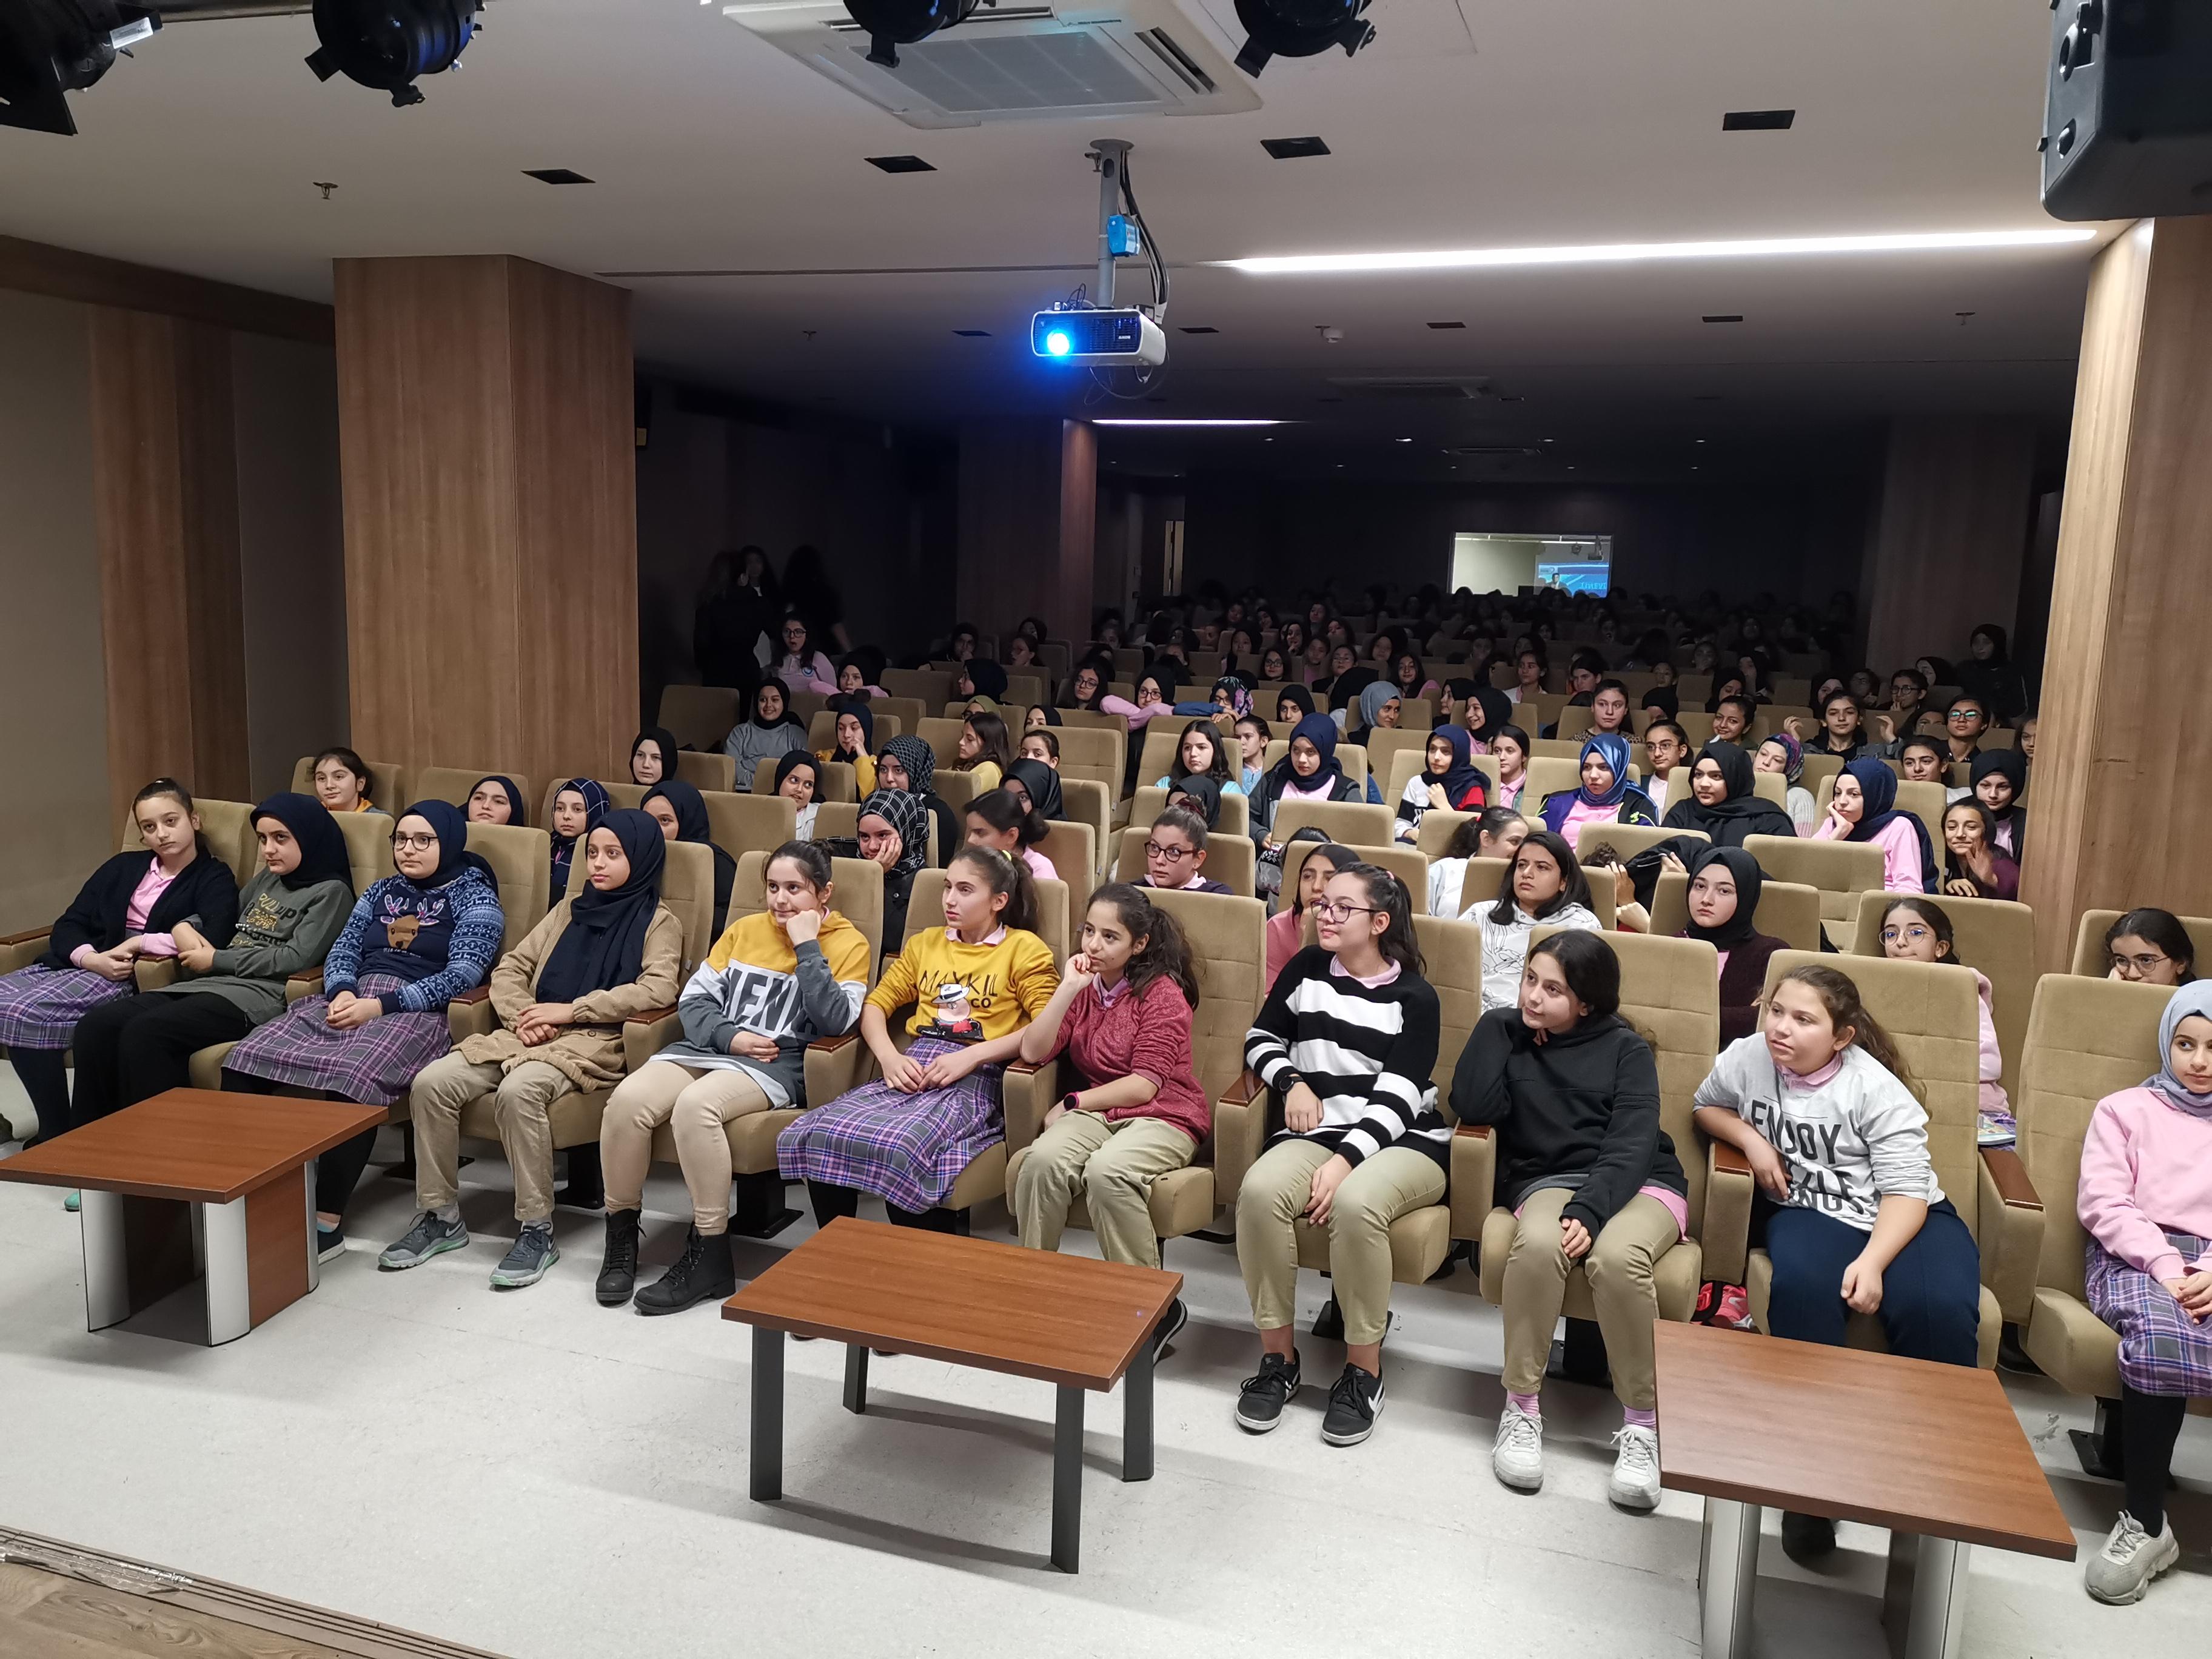 İstanbul Sultanbeyli Şehit Vahit Kaşıkçıoğlu İmam-Hatip Ortaokulunda, Bilinçli ve Güvenli İnternet Semineri